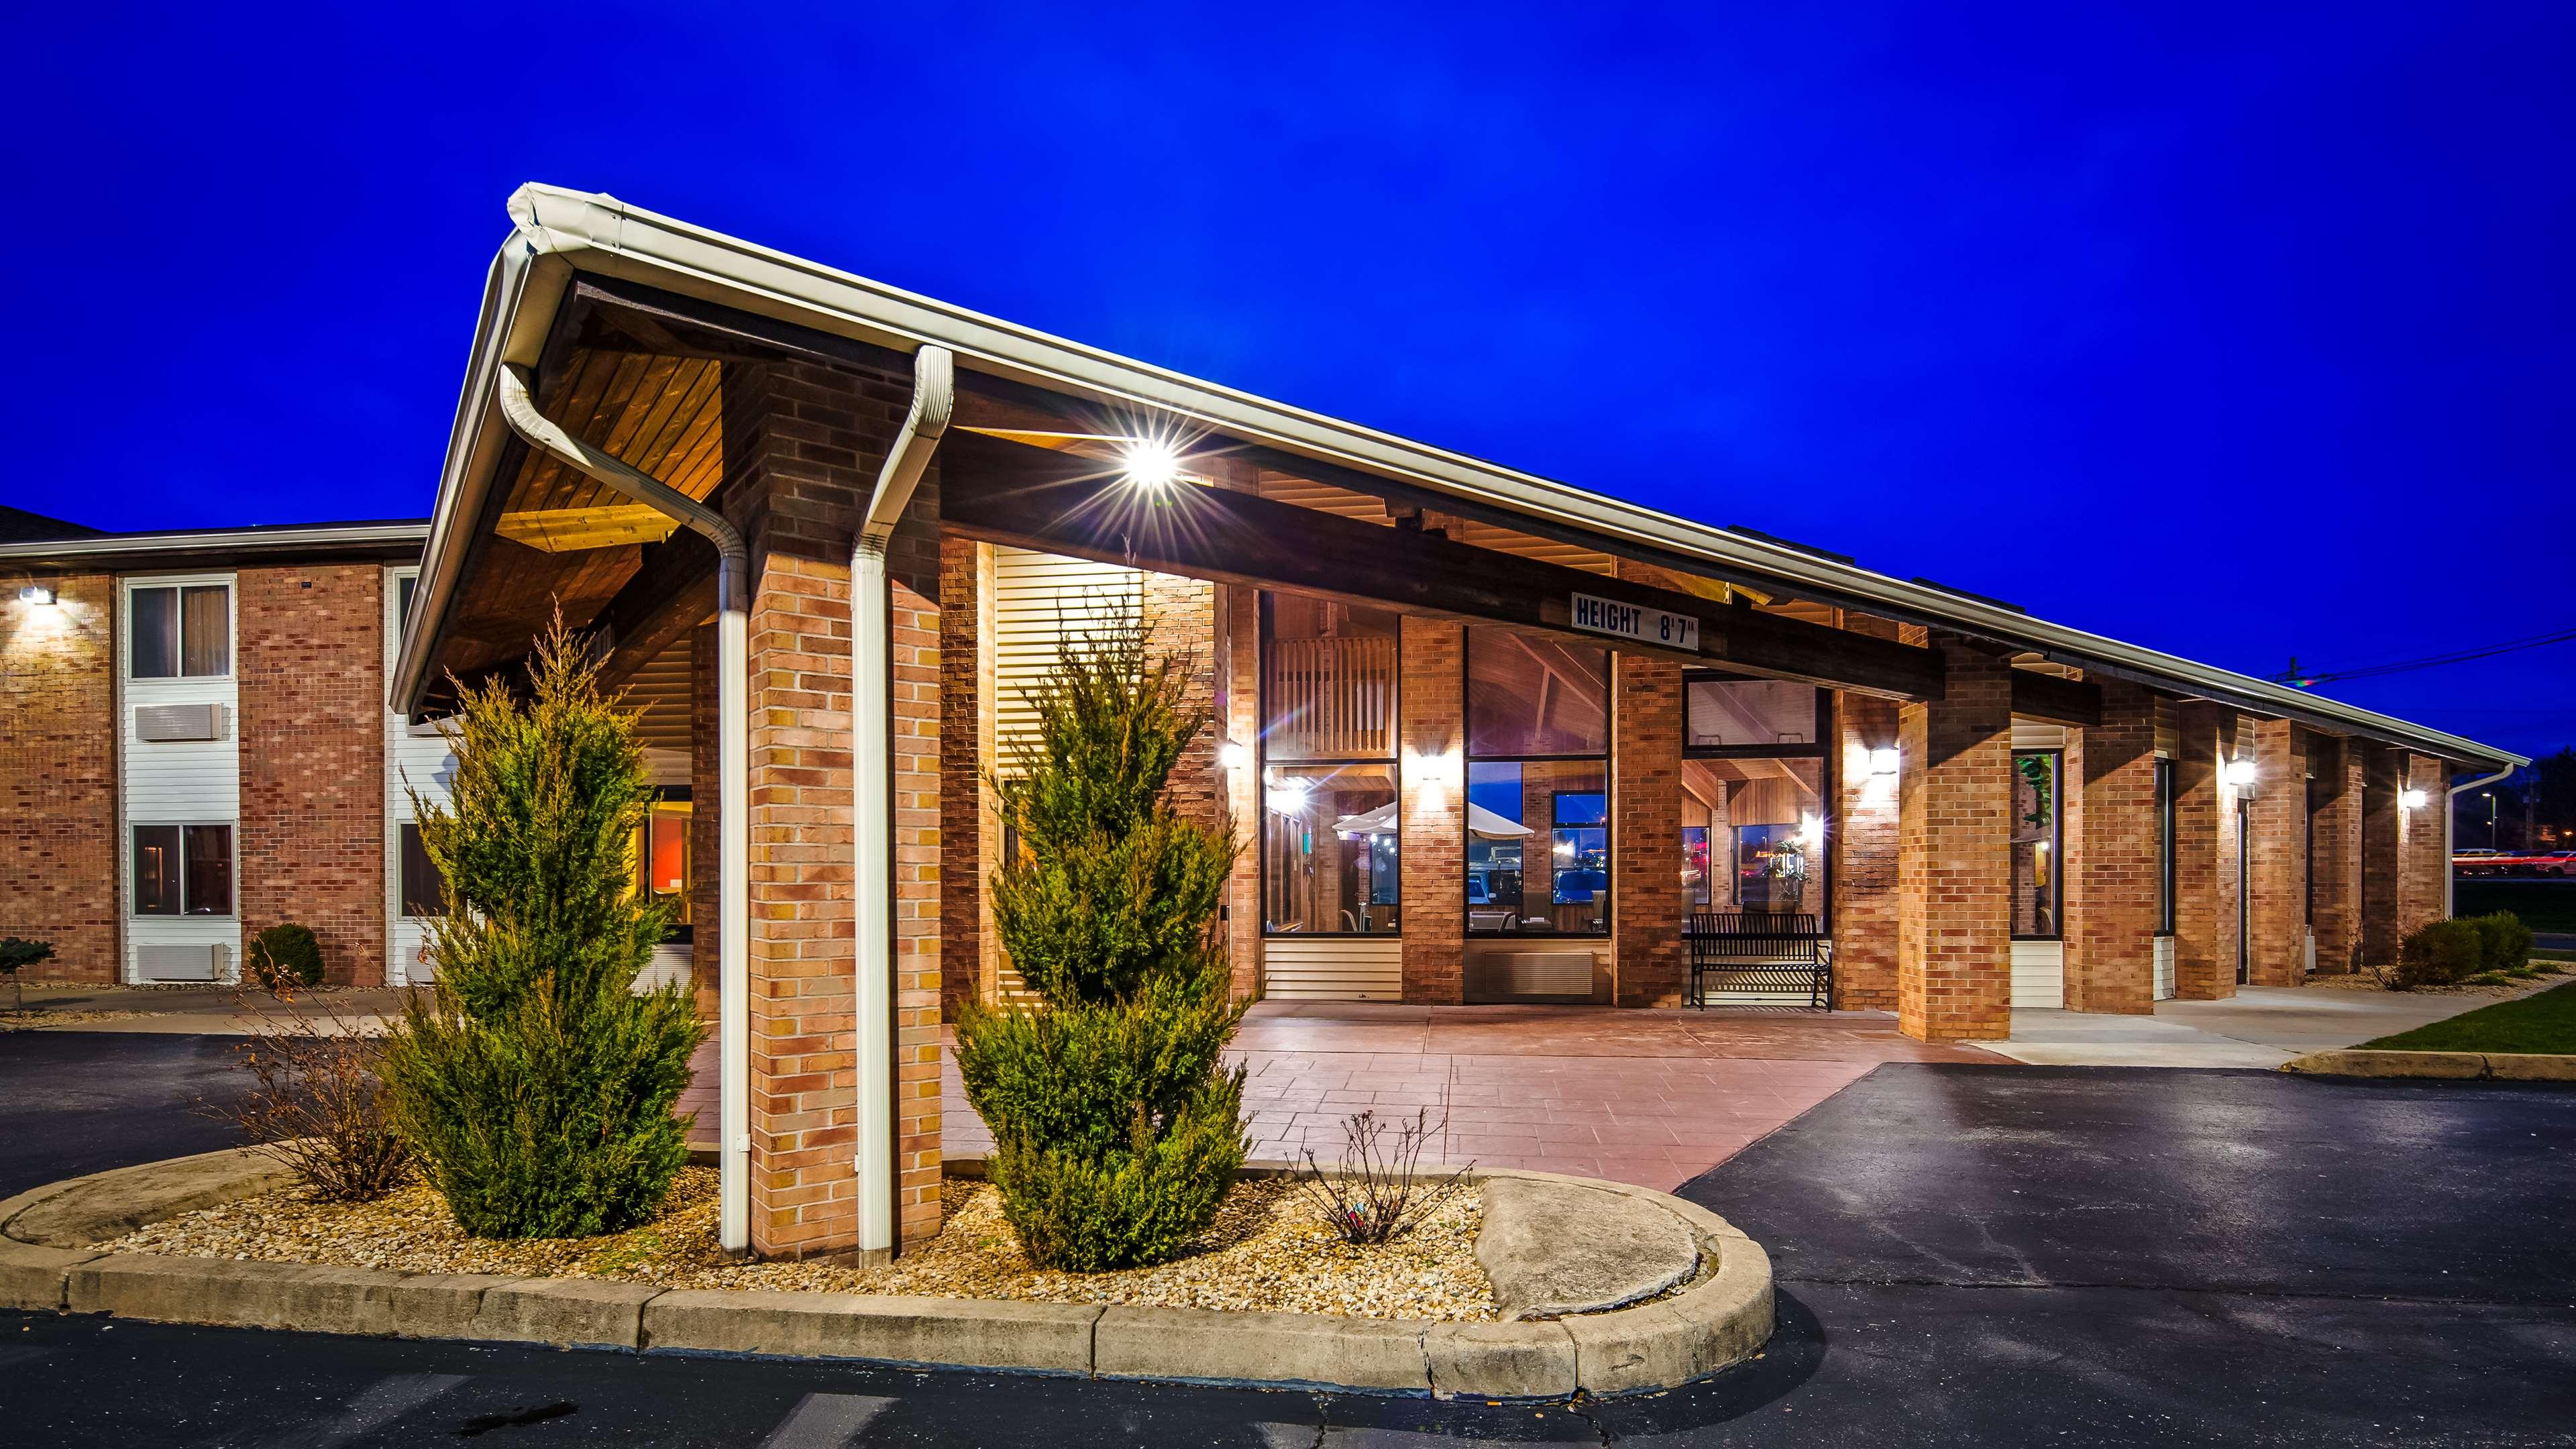 Best Western Jacksonville Inn image 1